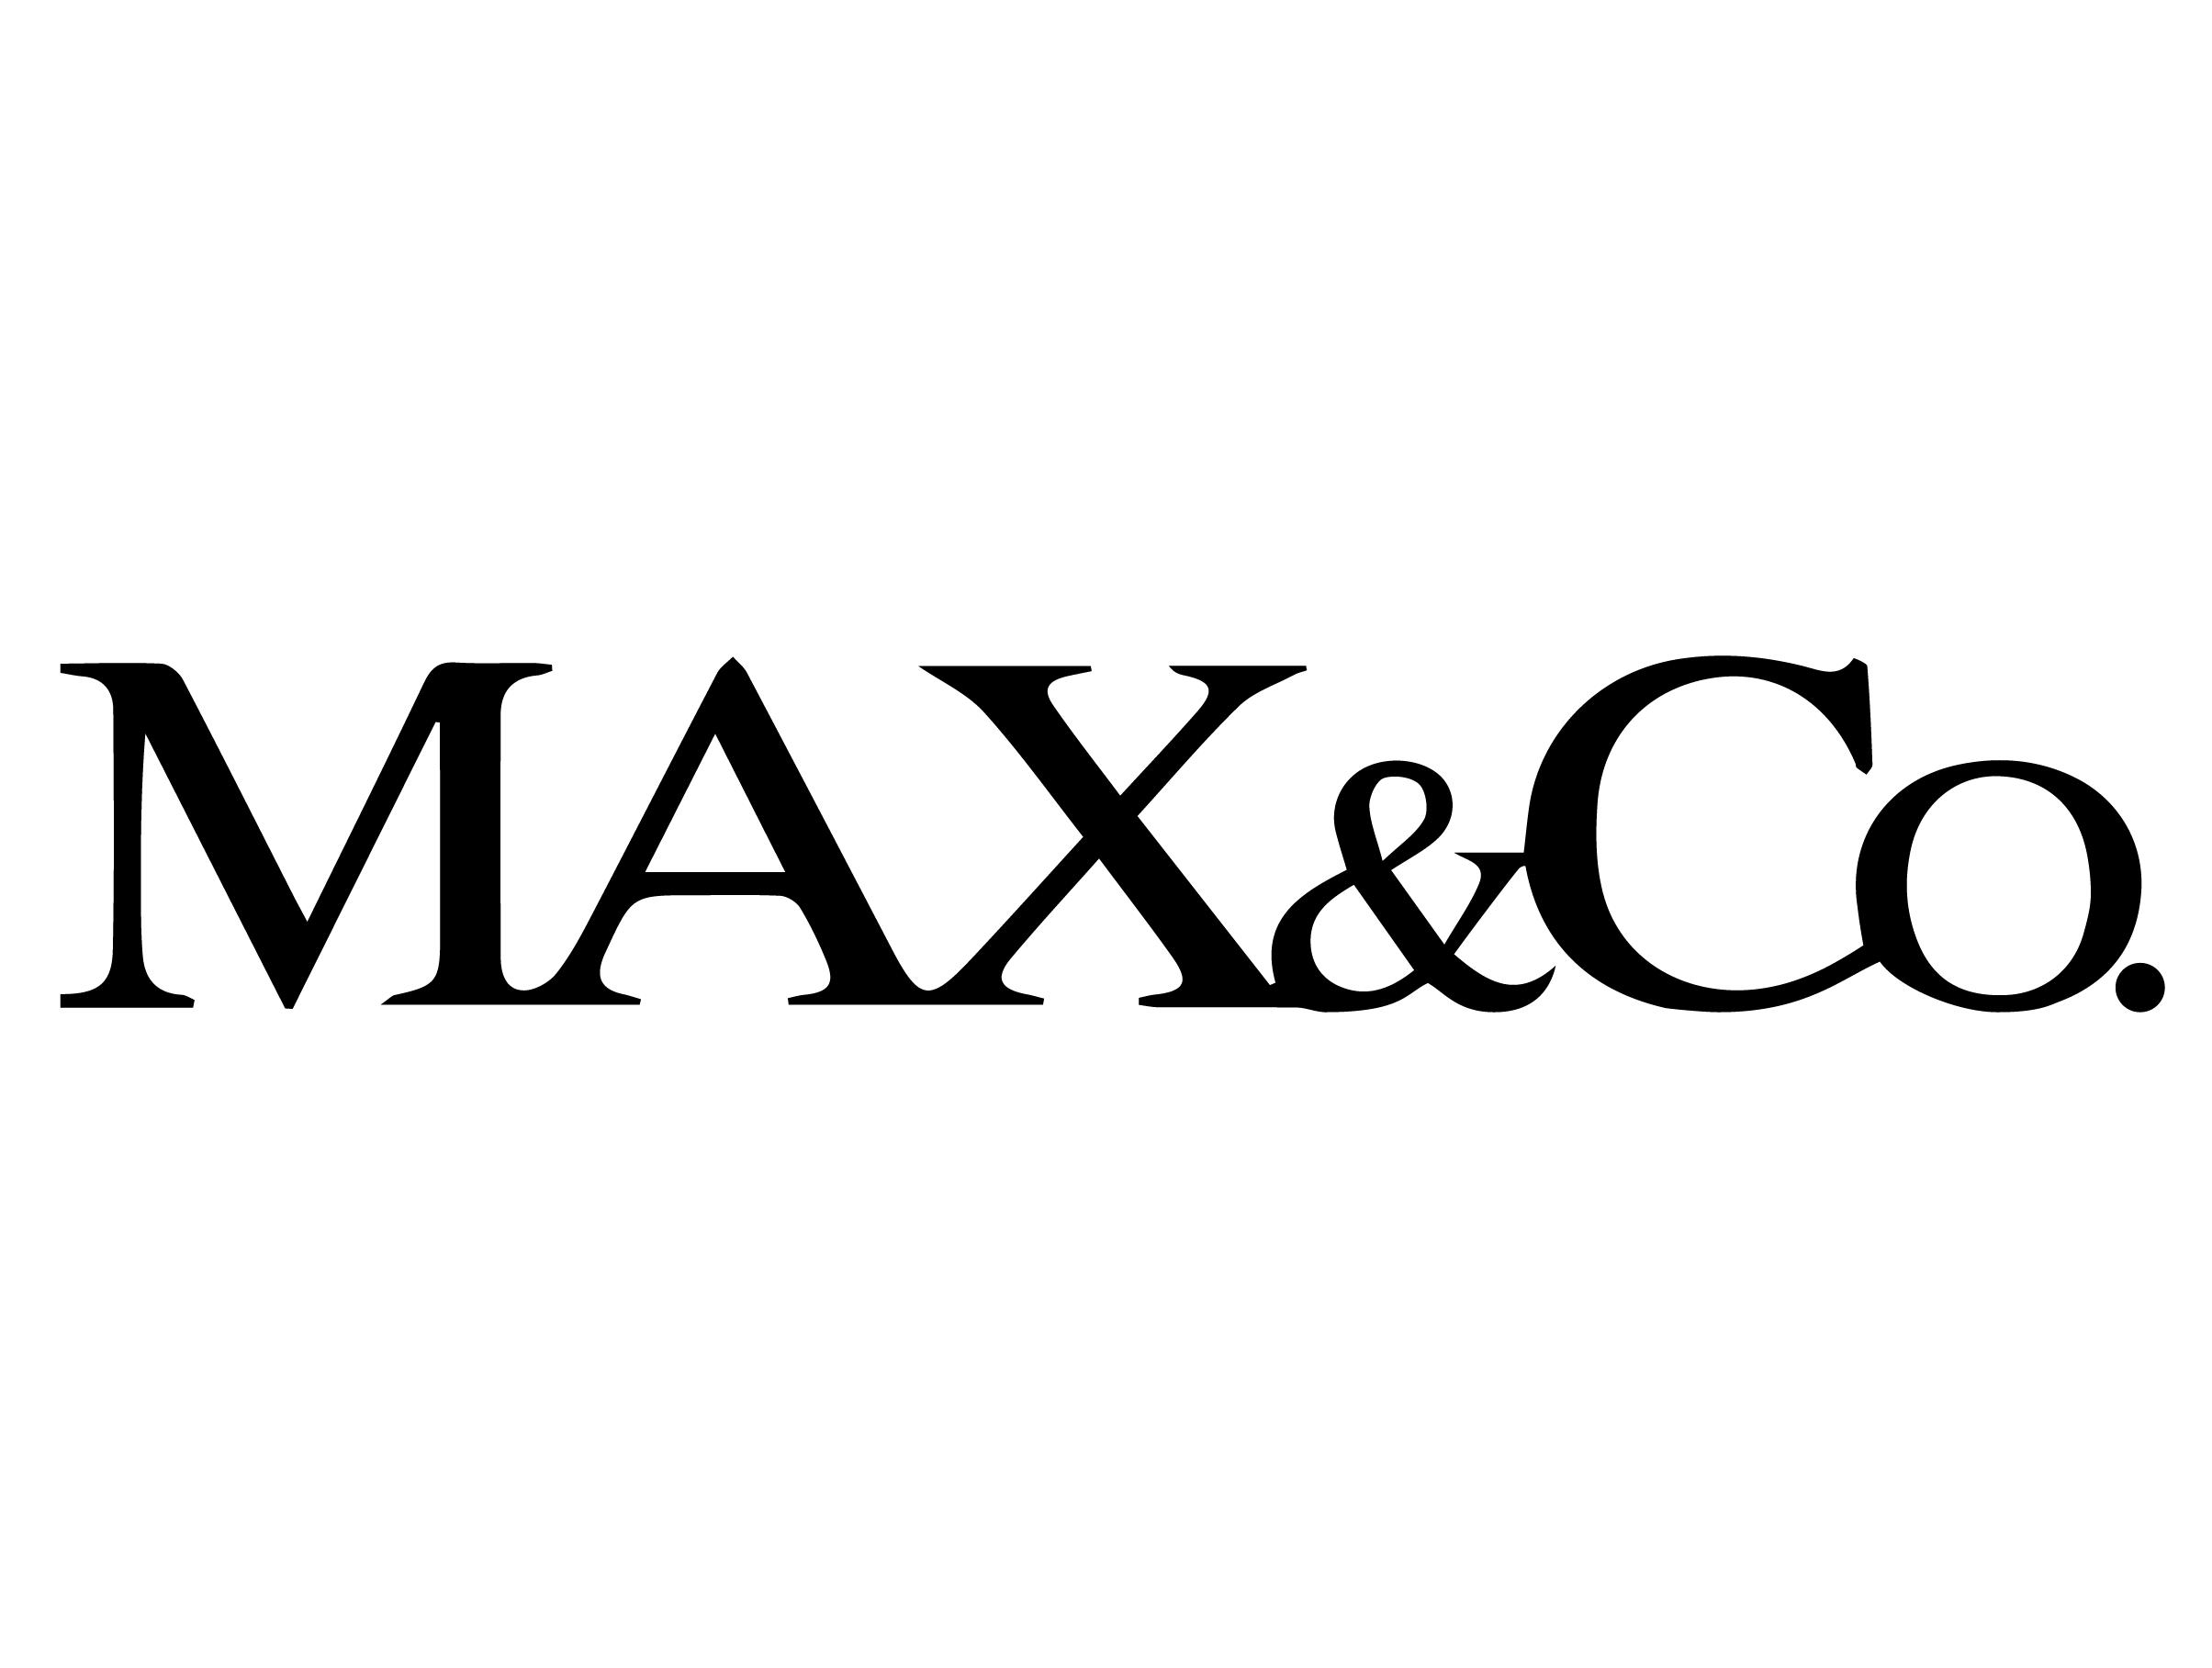 マックスアンドコー(Max & Co)